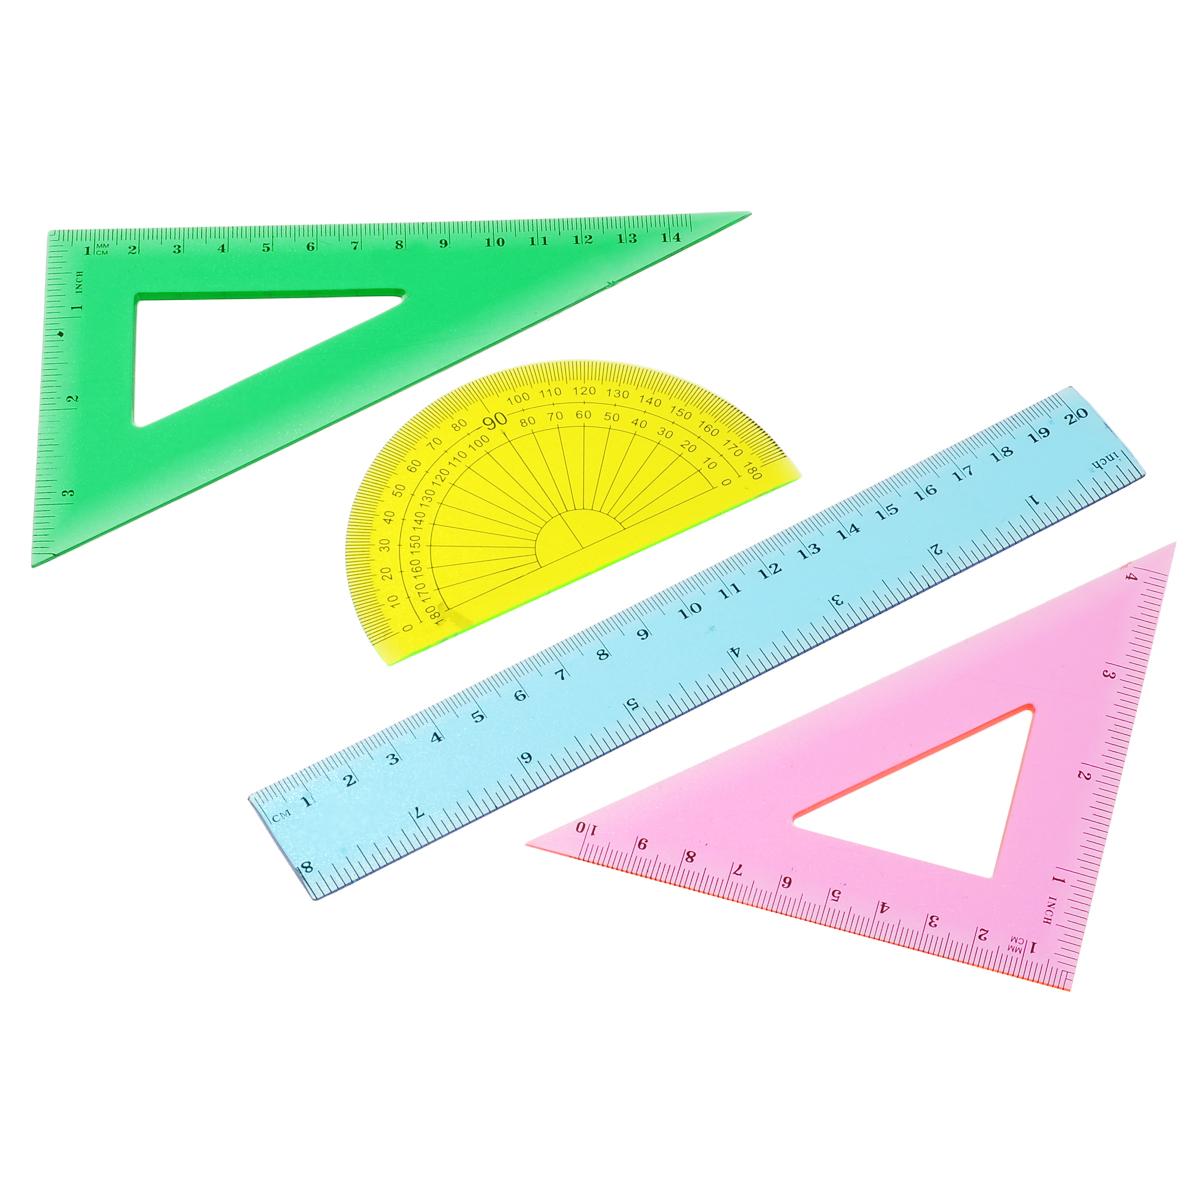 Геометрический набор Proff, выполненный из прозрачного пластика можно носить повсюду.Набор состоит из четырех предметов: линейки на 20 сантиметров, транспортира на 180 градусов и двух угольников. Один угольник с углами 45, 45, 90 градусов, одна сторона угольника представляет собой линейку на 15 сантиметров. Второй угольник с углами 30, 60, 90 градусов и линейкой на 11 сантиметров. Разметка шкалы нанесена на внутреннюю поверхность чертежных принадлежностей, что предотвращает ее истирание.  Каждый чертежный инструмент имеет свои функциональные особенности, что делает работу с ними особенно удобной и легкой. УВАЖАЕМЫЕ КЛИЕНТЫ! Обращаем ваше внимание на ассортимент в цветовом дизайне товара. Поставка осуществляется в зависимости от наличия на складе.